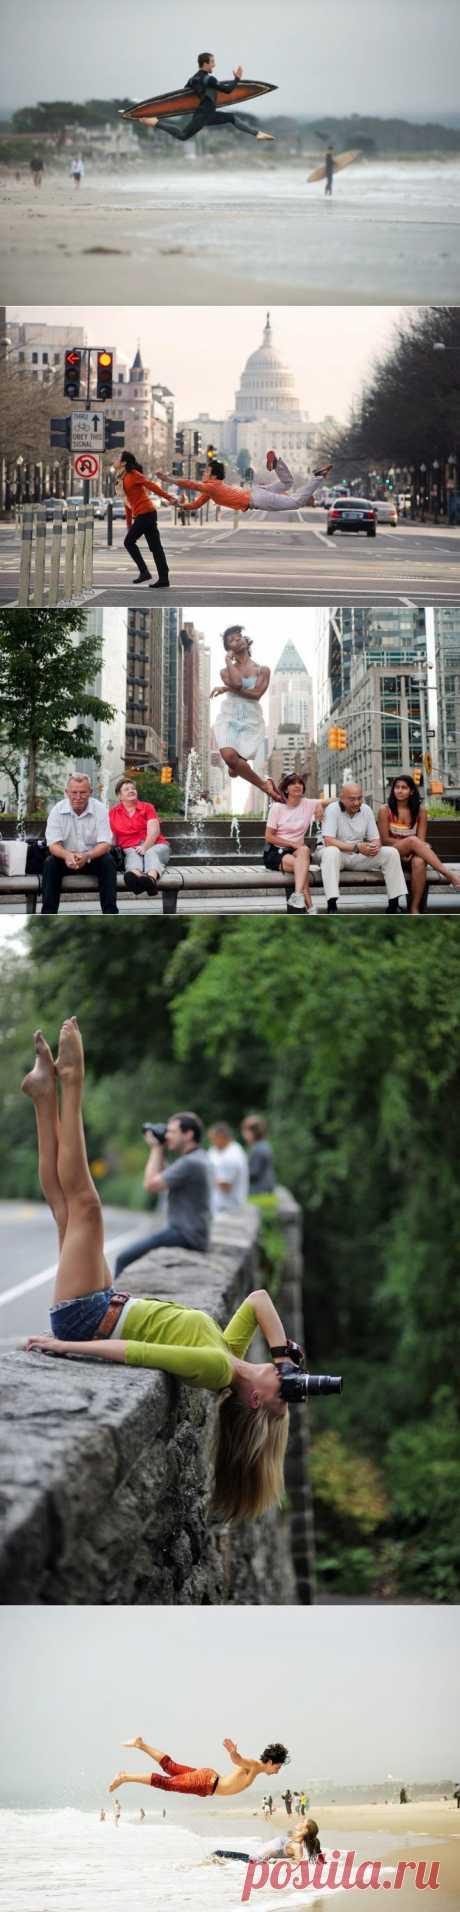 Танцоры балета развлекаются : НОВОСТИ В ФОТОГРАФИЯХ